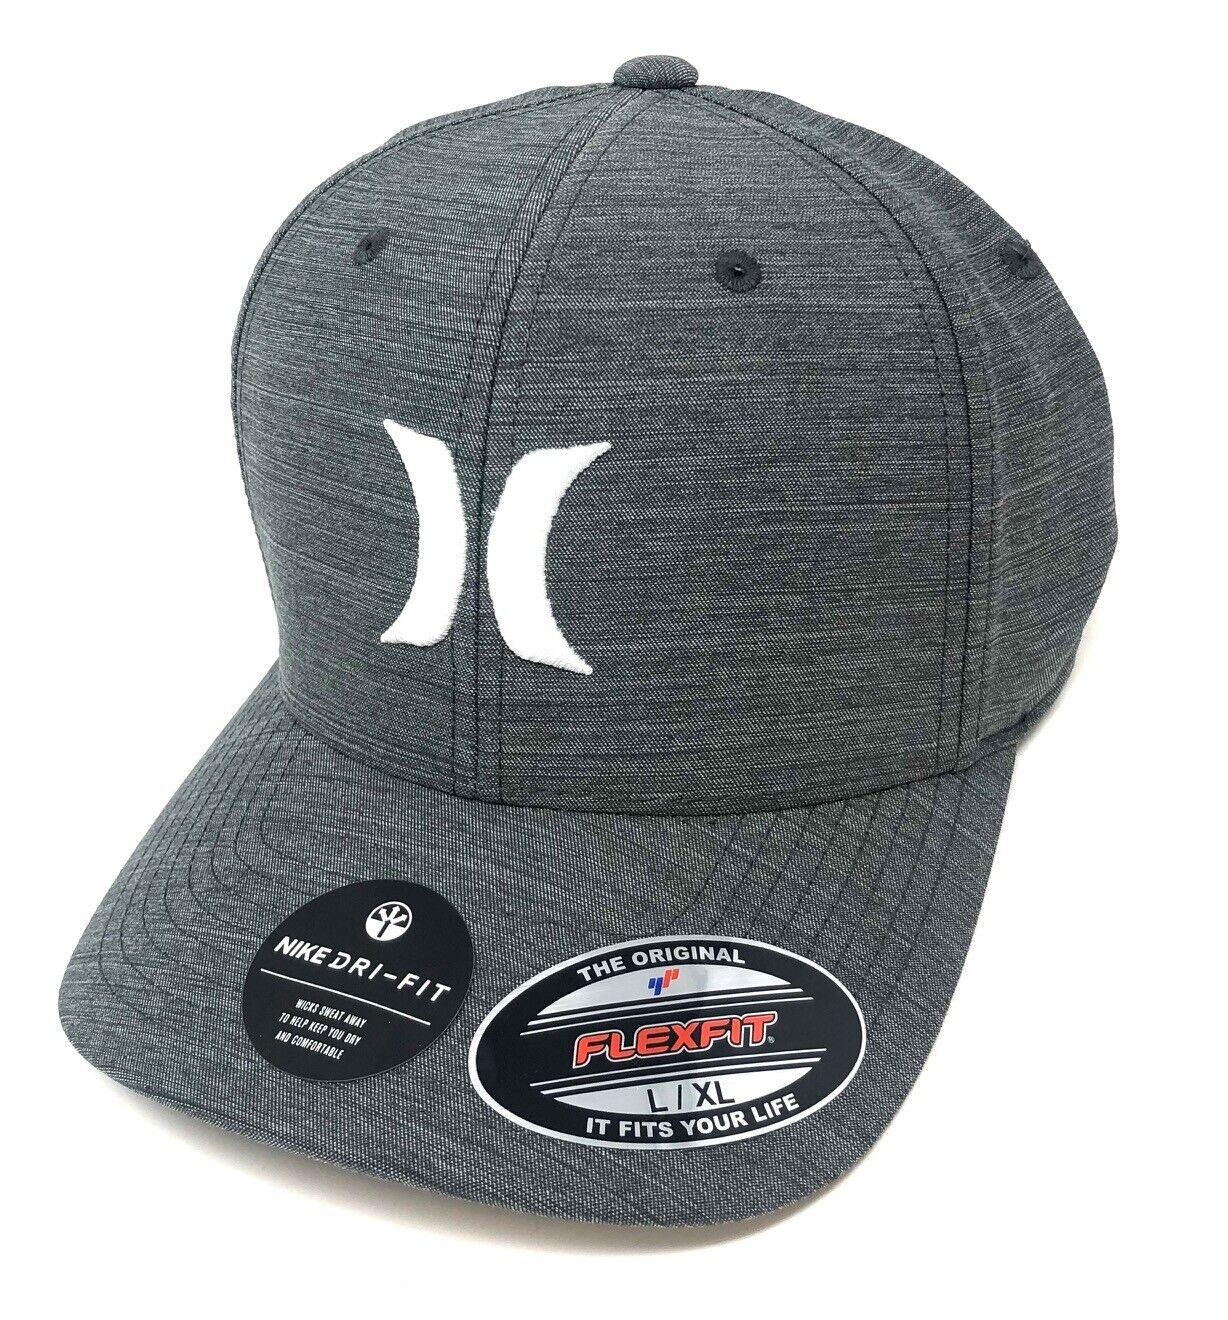 New HURLEY Verdone Mens Trucker Flex Fit Cap Hat